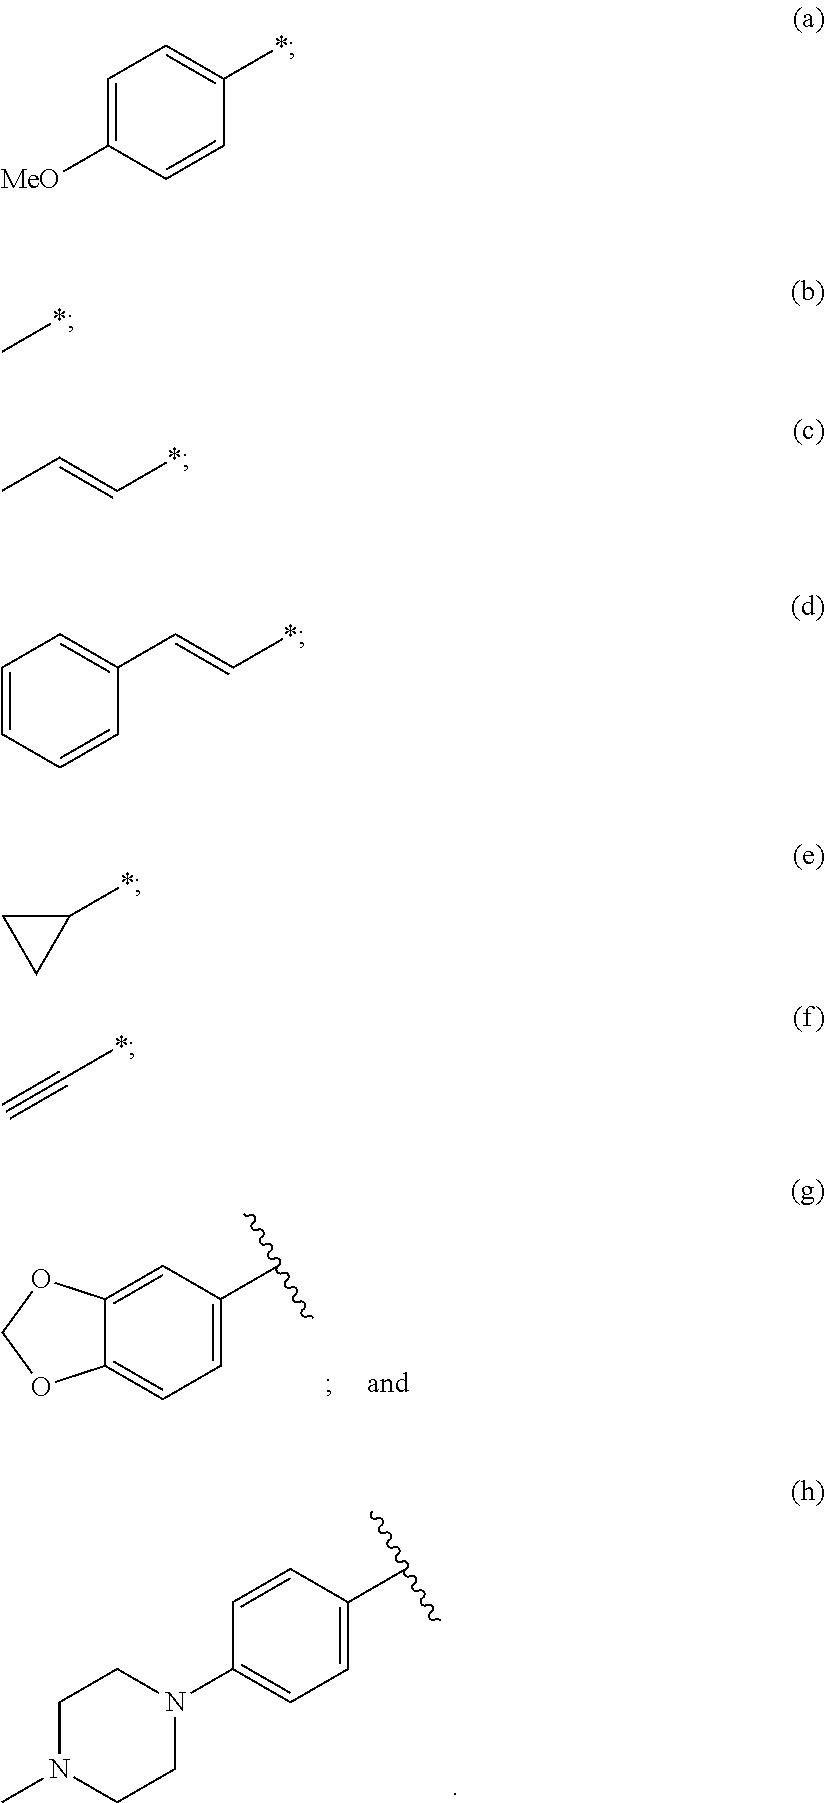 Figure US20150273078A1-20151001-C00101